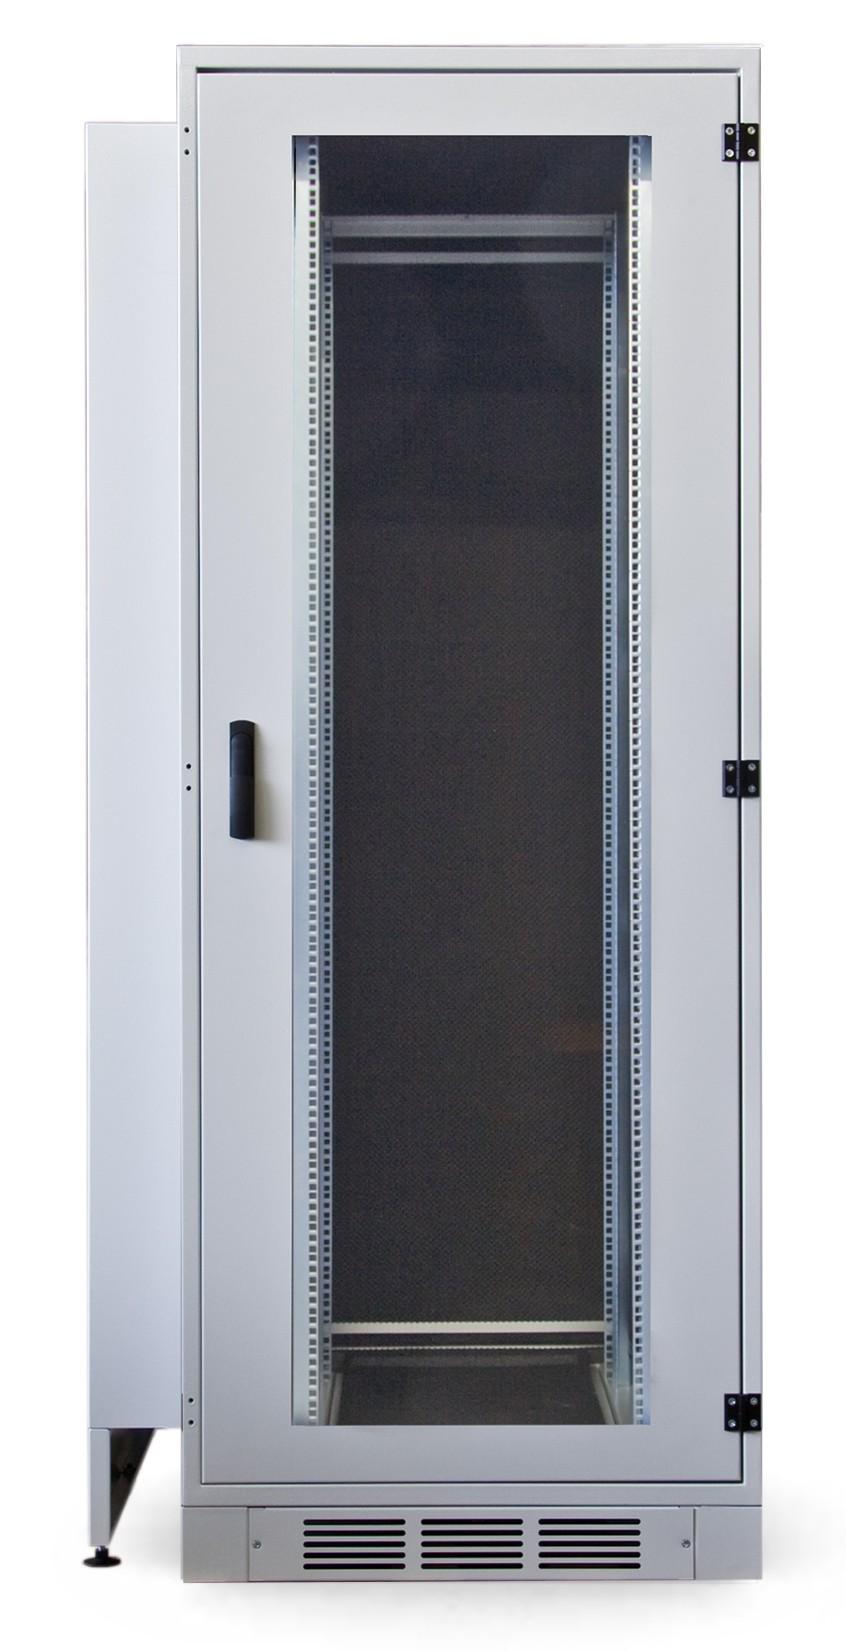 Full Size of Fenster Klimaanlage Einbauen Schlauch Klimaanlagen Abdichten Noria Kaufen Abdichtung Test Adapter Wohnwagen Serverschrank Mit Eingebauter Polen Wohnzimmer Fenster Klimaanlage